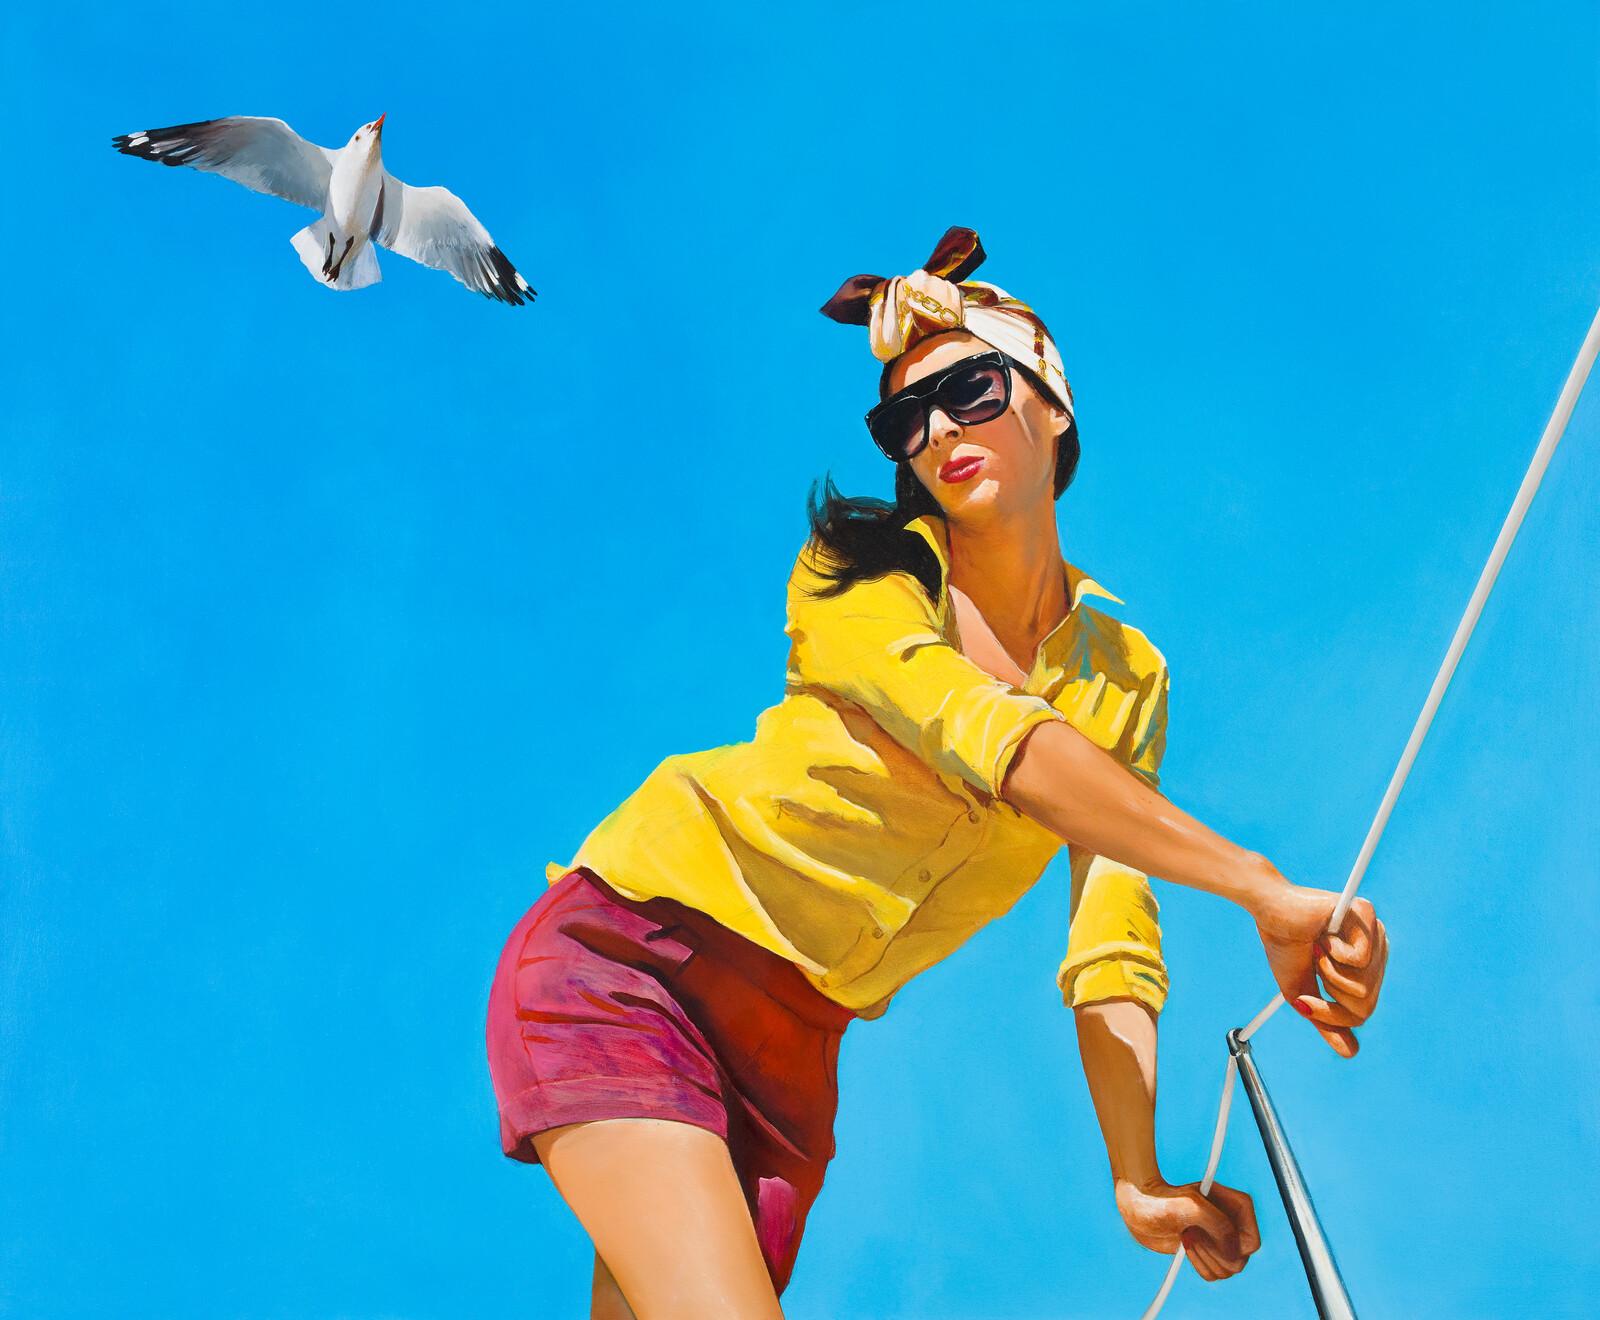 Girl with a Seagull - Boglárka Nagy